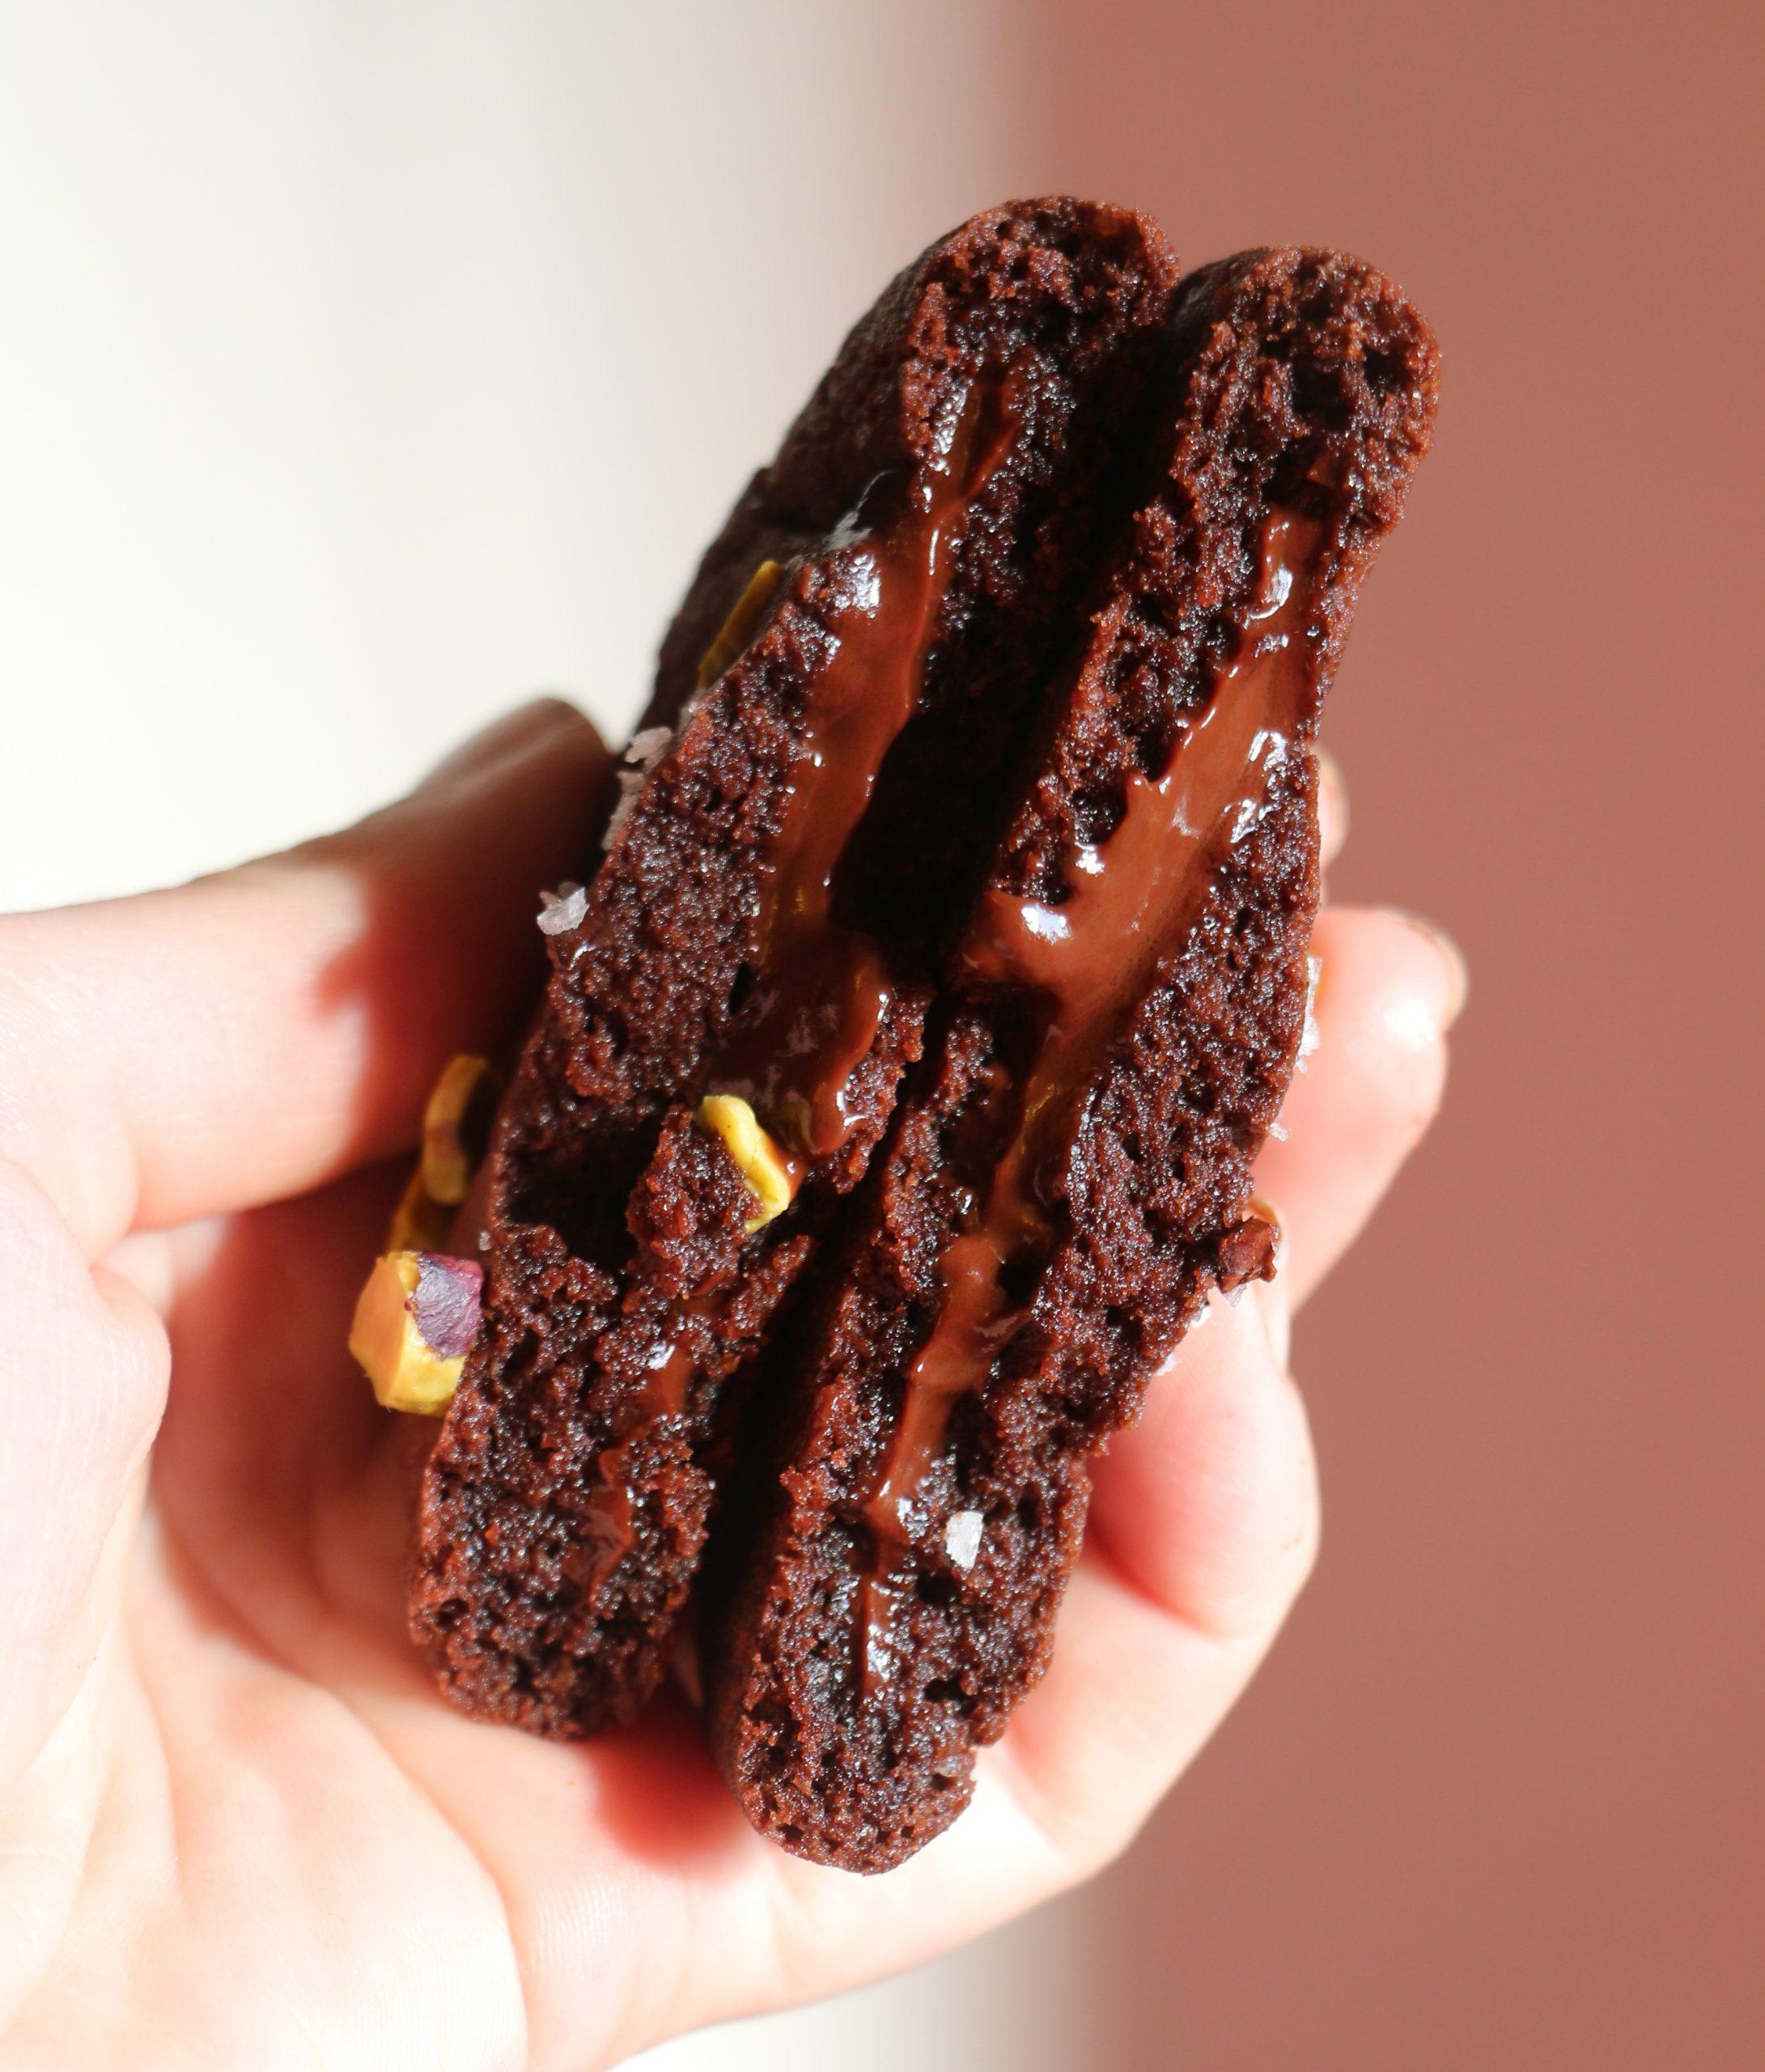 עוגיות שוקולד במילוי טראפלס